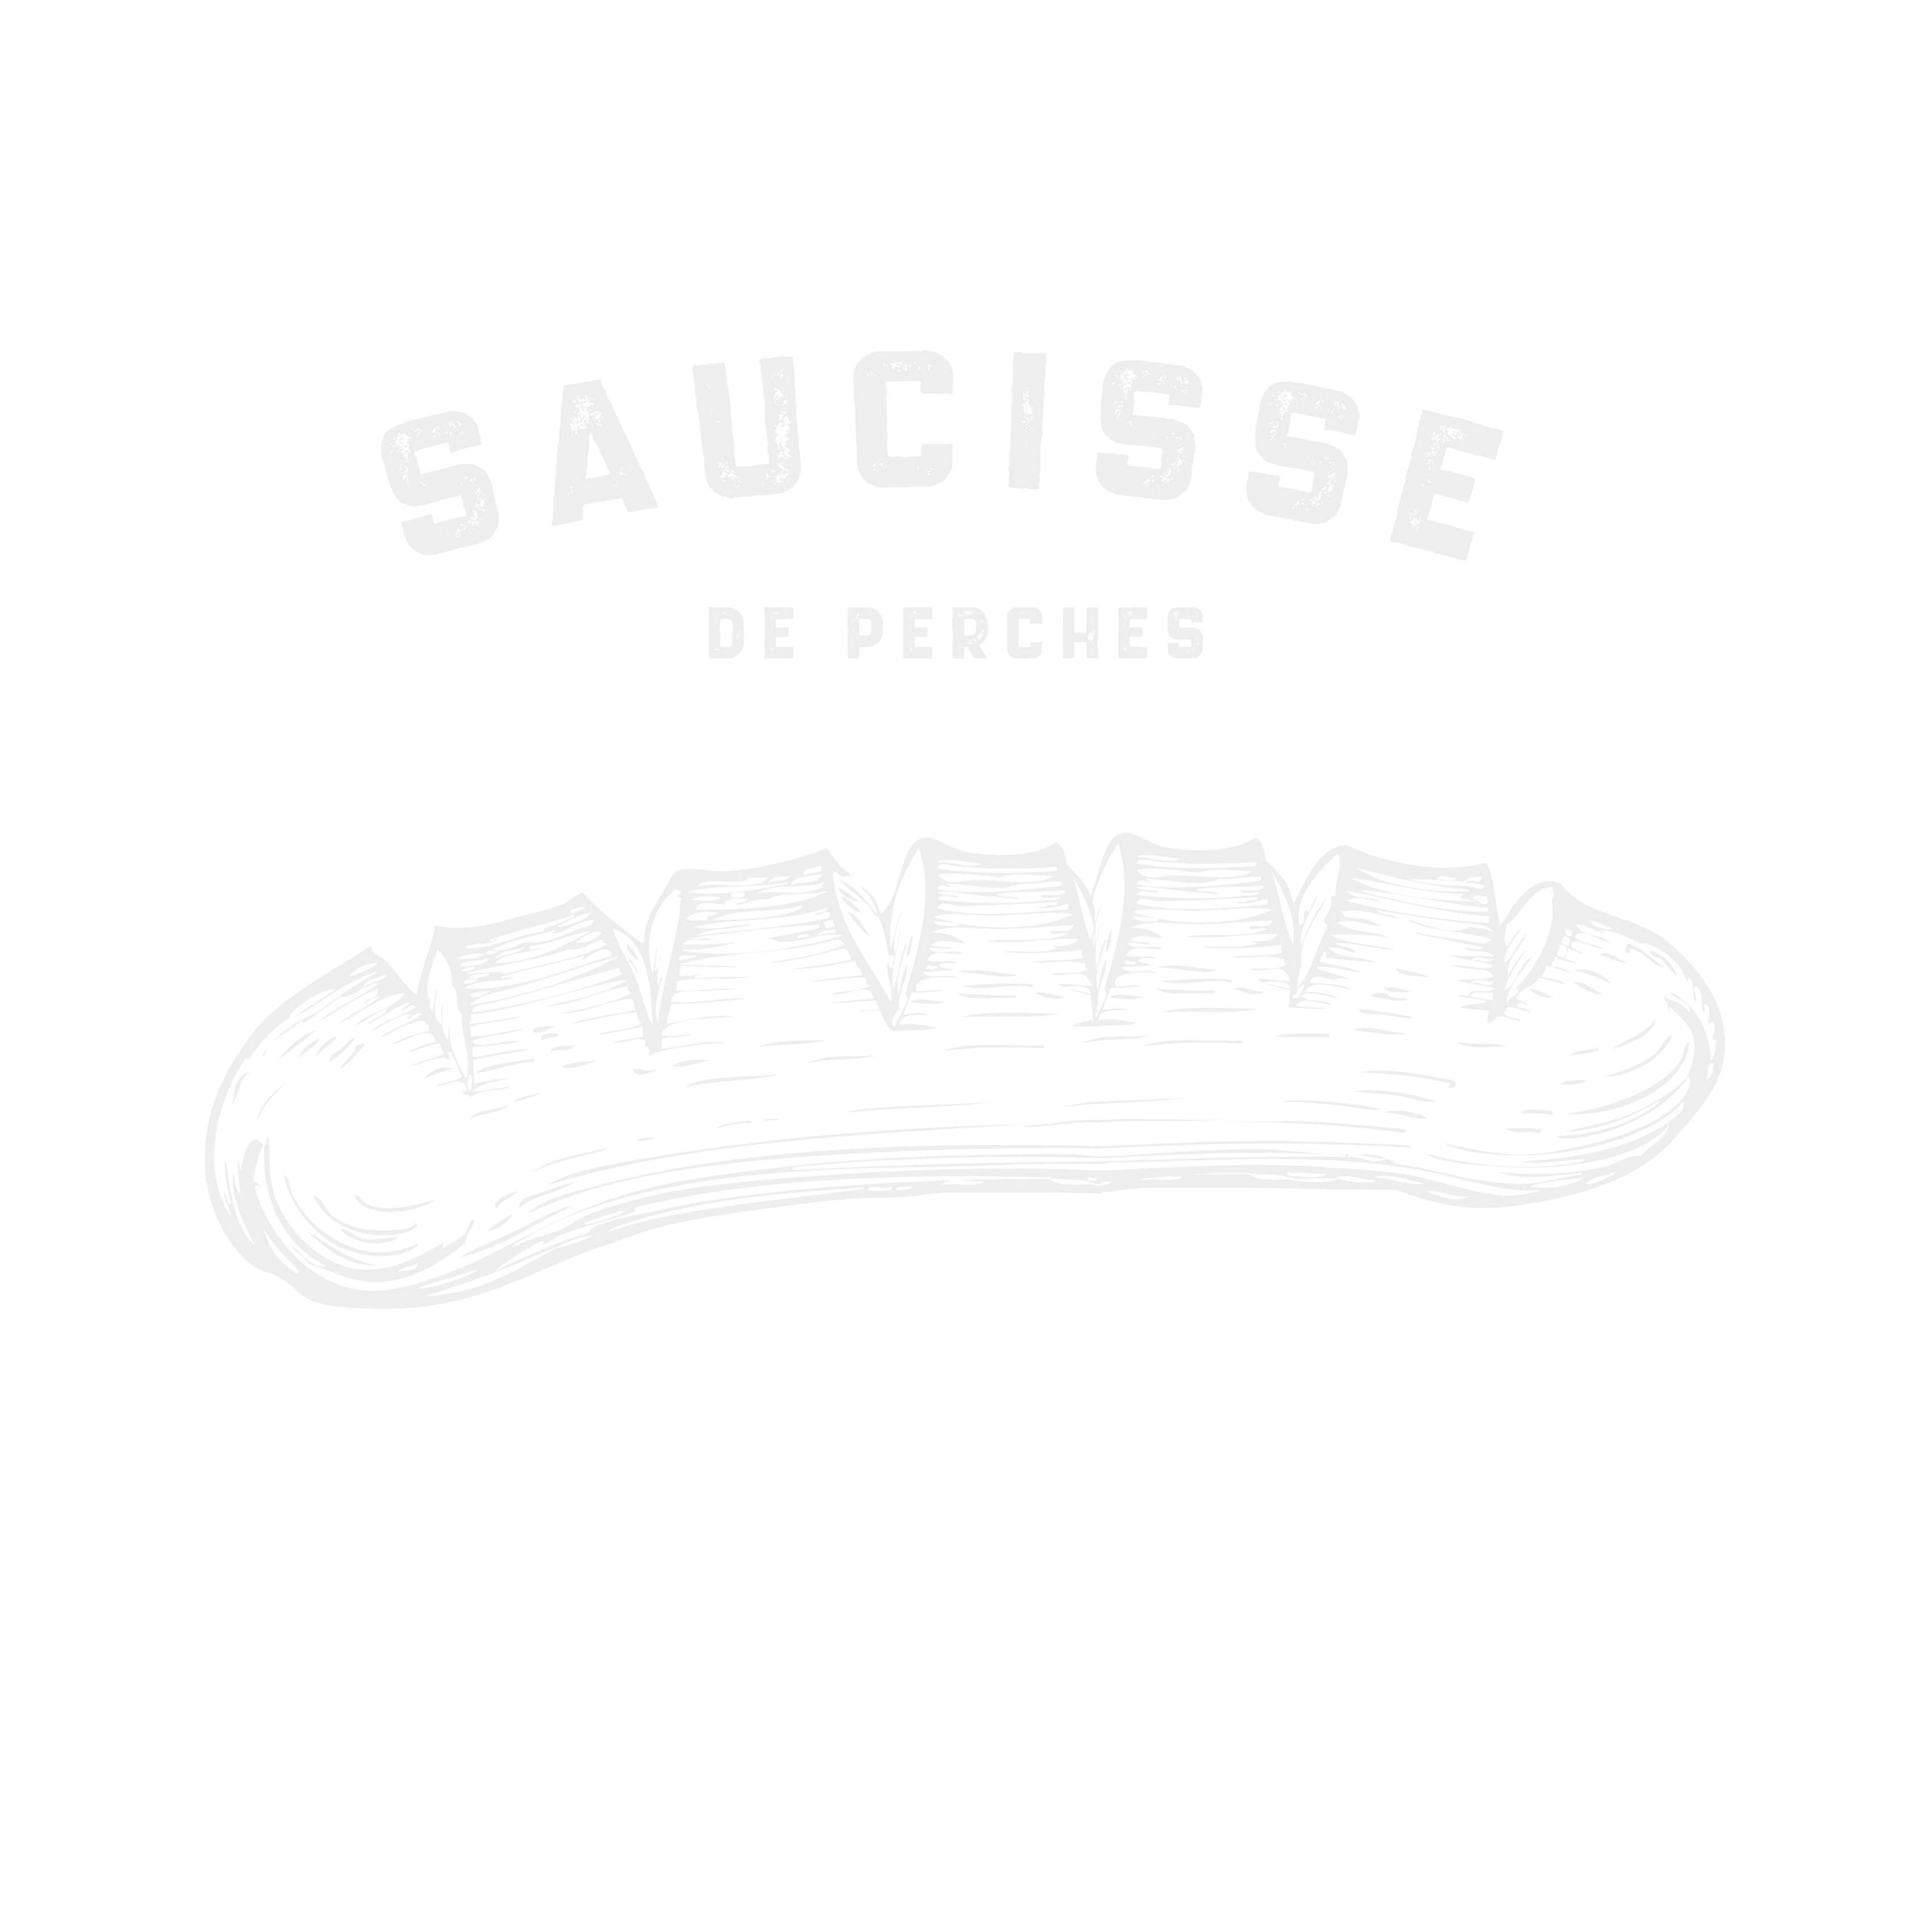 FT LABEL FOOD FR SAUCISSE